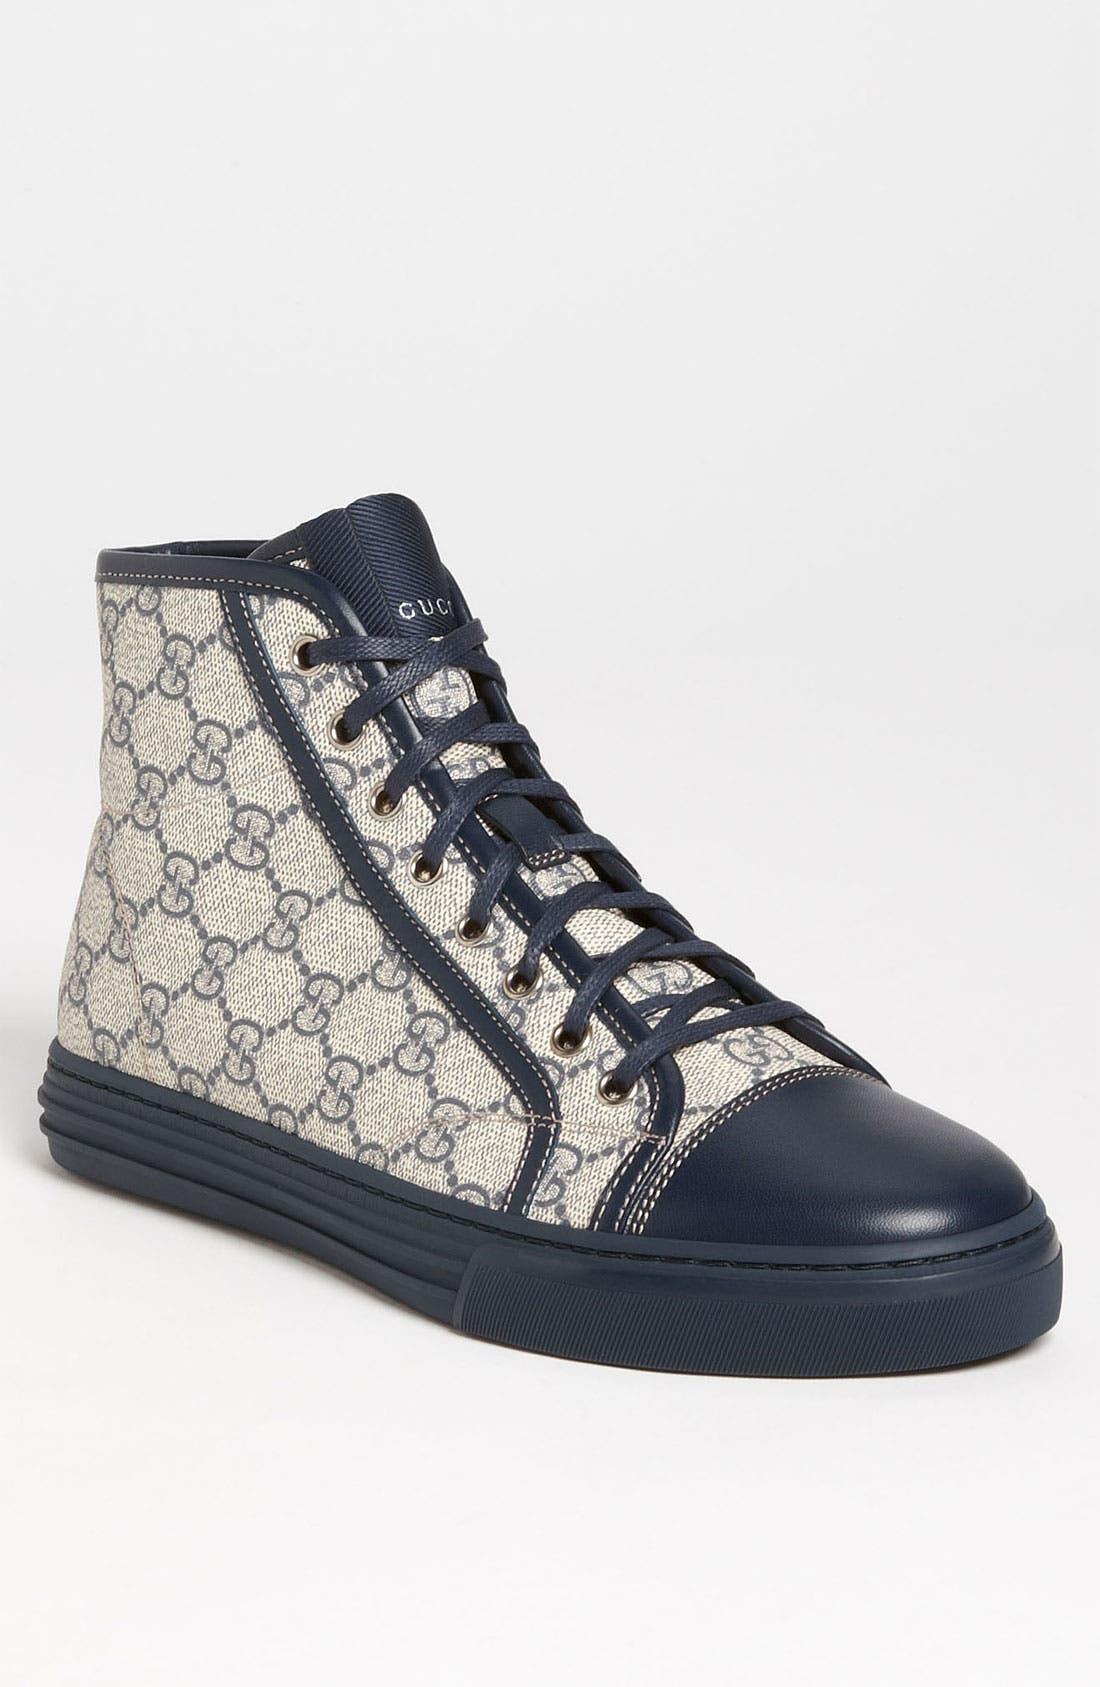 Alternate Image 1 Selected - Gucci 'California Hi' Sneaker